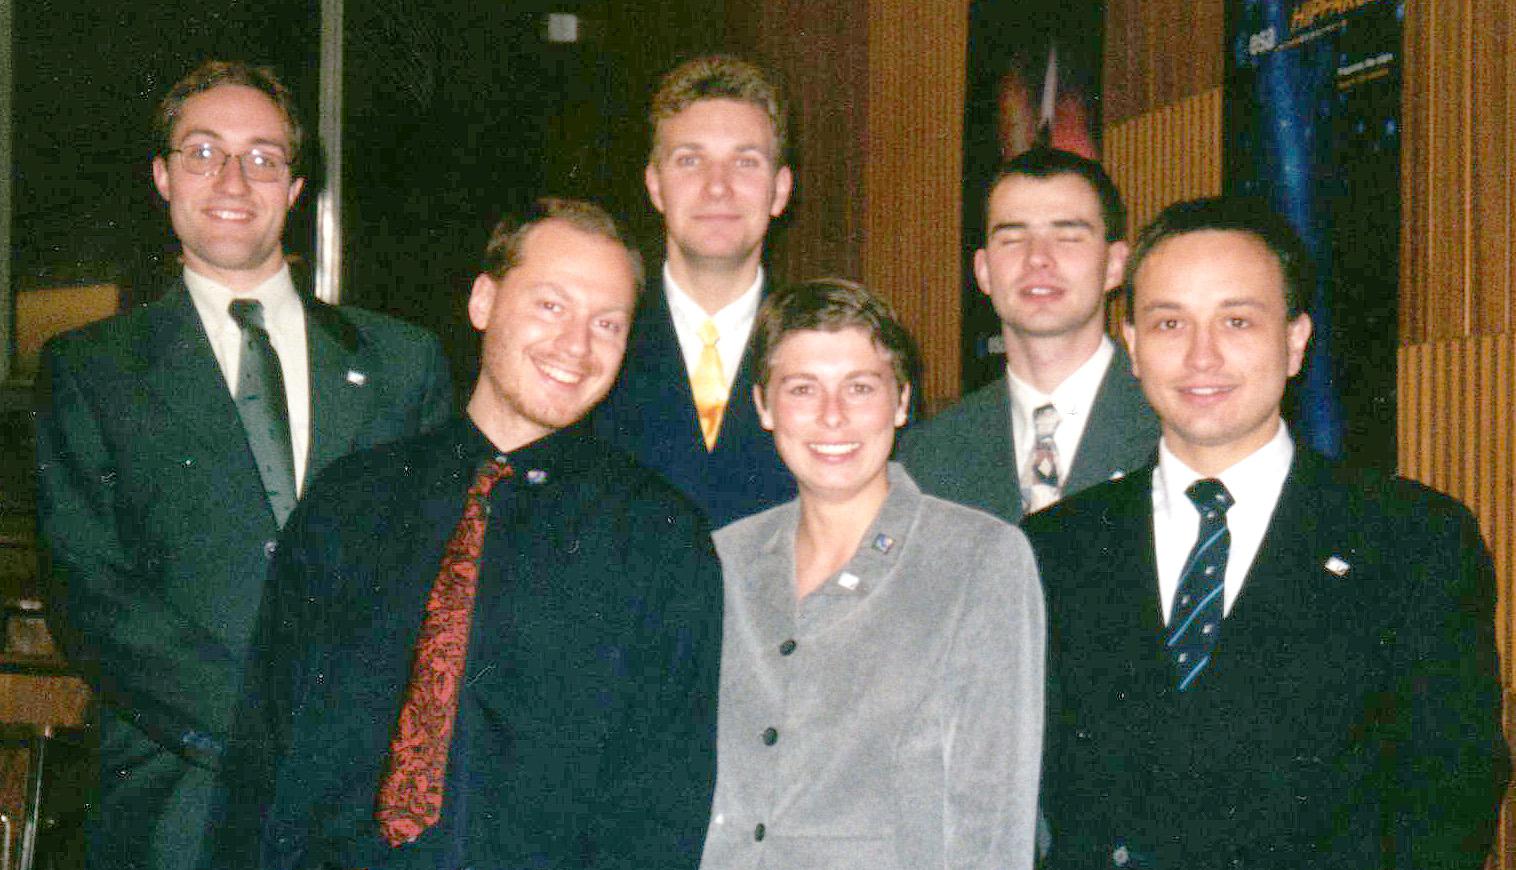 he first managing board of the Austrian Space Forum in 1998 (f.l.t.r.: G. Grömer, M. Biack, N. Frischauf, G. Weinwurm, G. Grabenhofer, W. Balogh)